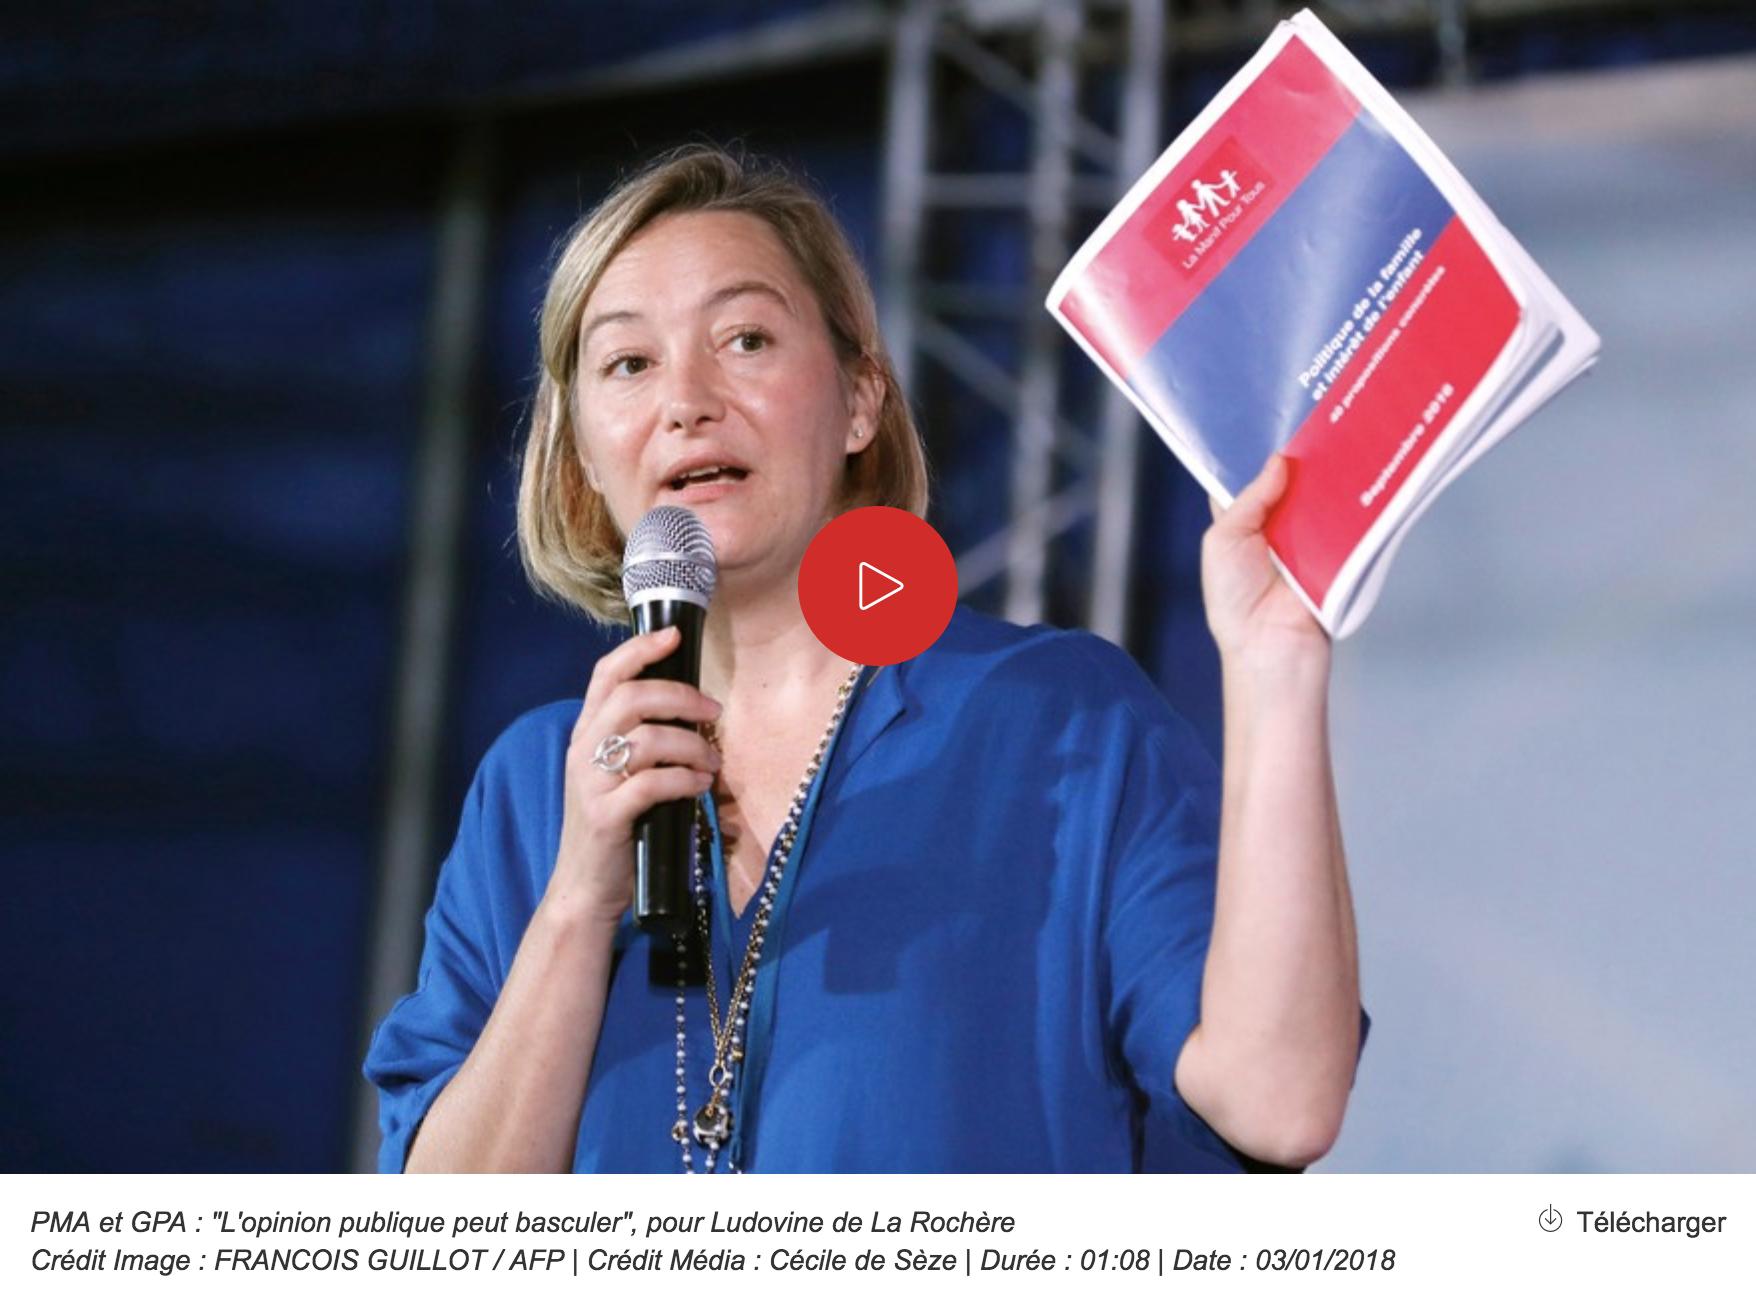 """Image - RTL : """"PMA et GPA : """"L'opinion publique peut basculer"""", selon Ludovine de La Rochère"""""""